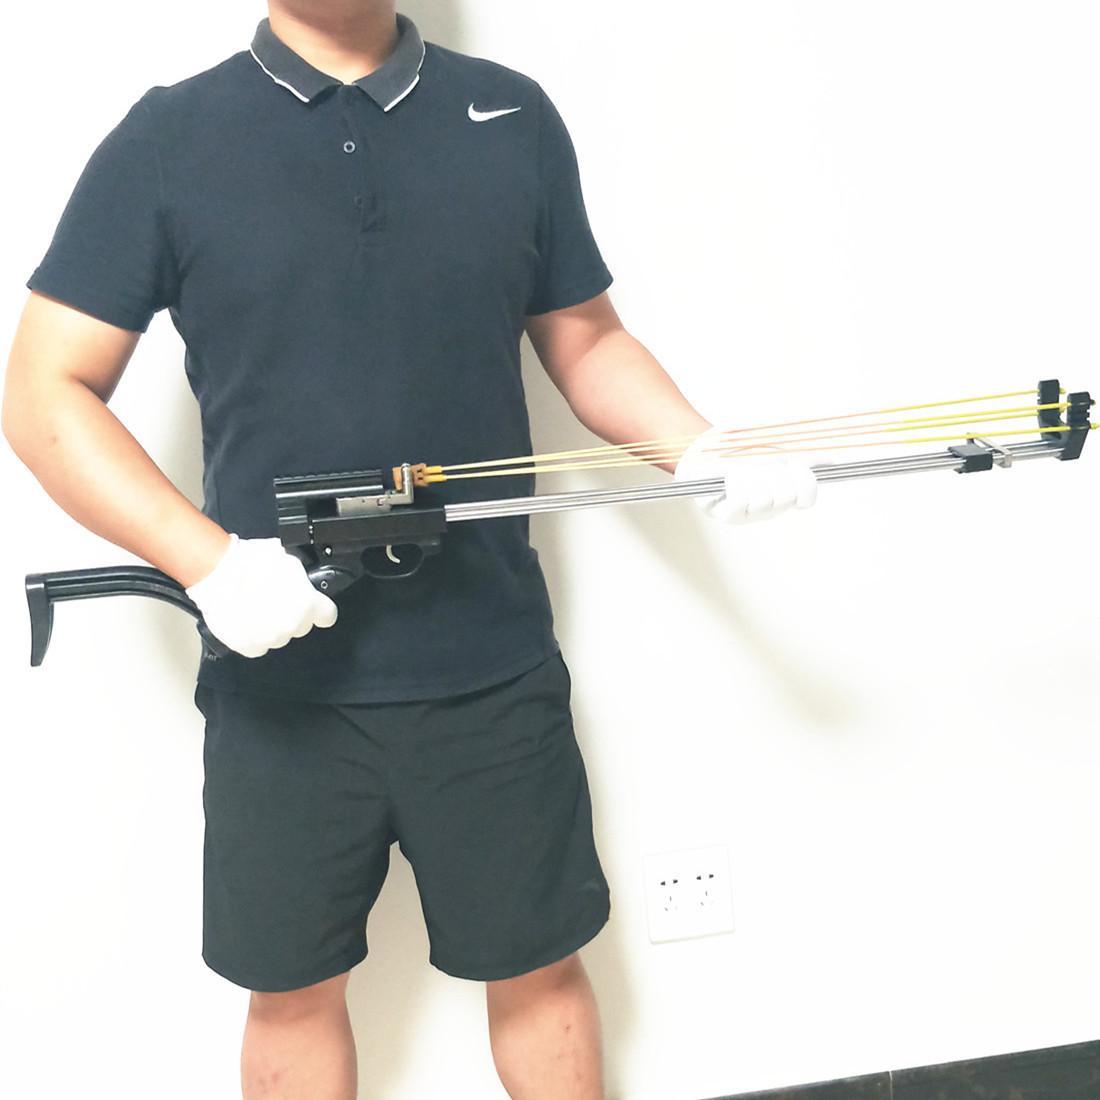 Bobcat- Runting Slingshot Rifle - جهاز أمان مزدوج - إصدار ديلوكس CNC Tech تلسكوبي انزلاق ميكانيكية ميكانيكية X0524